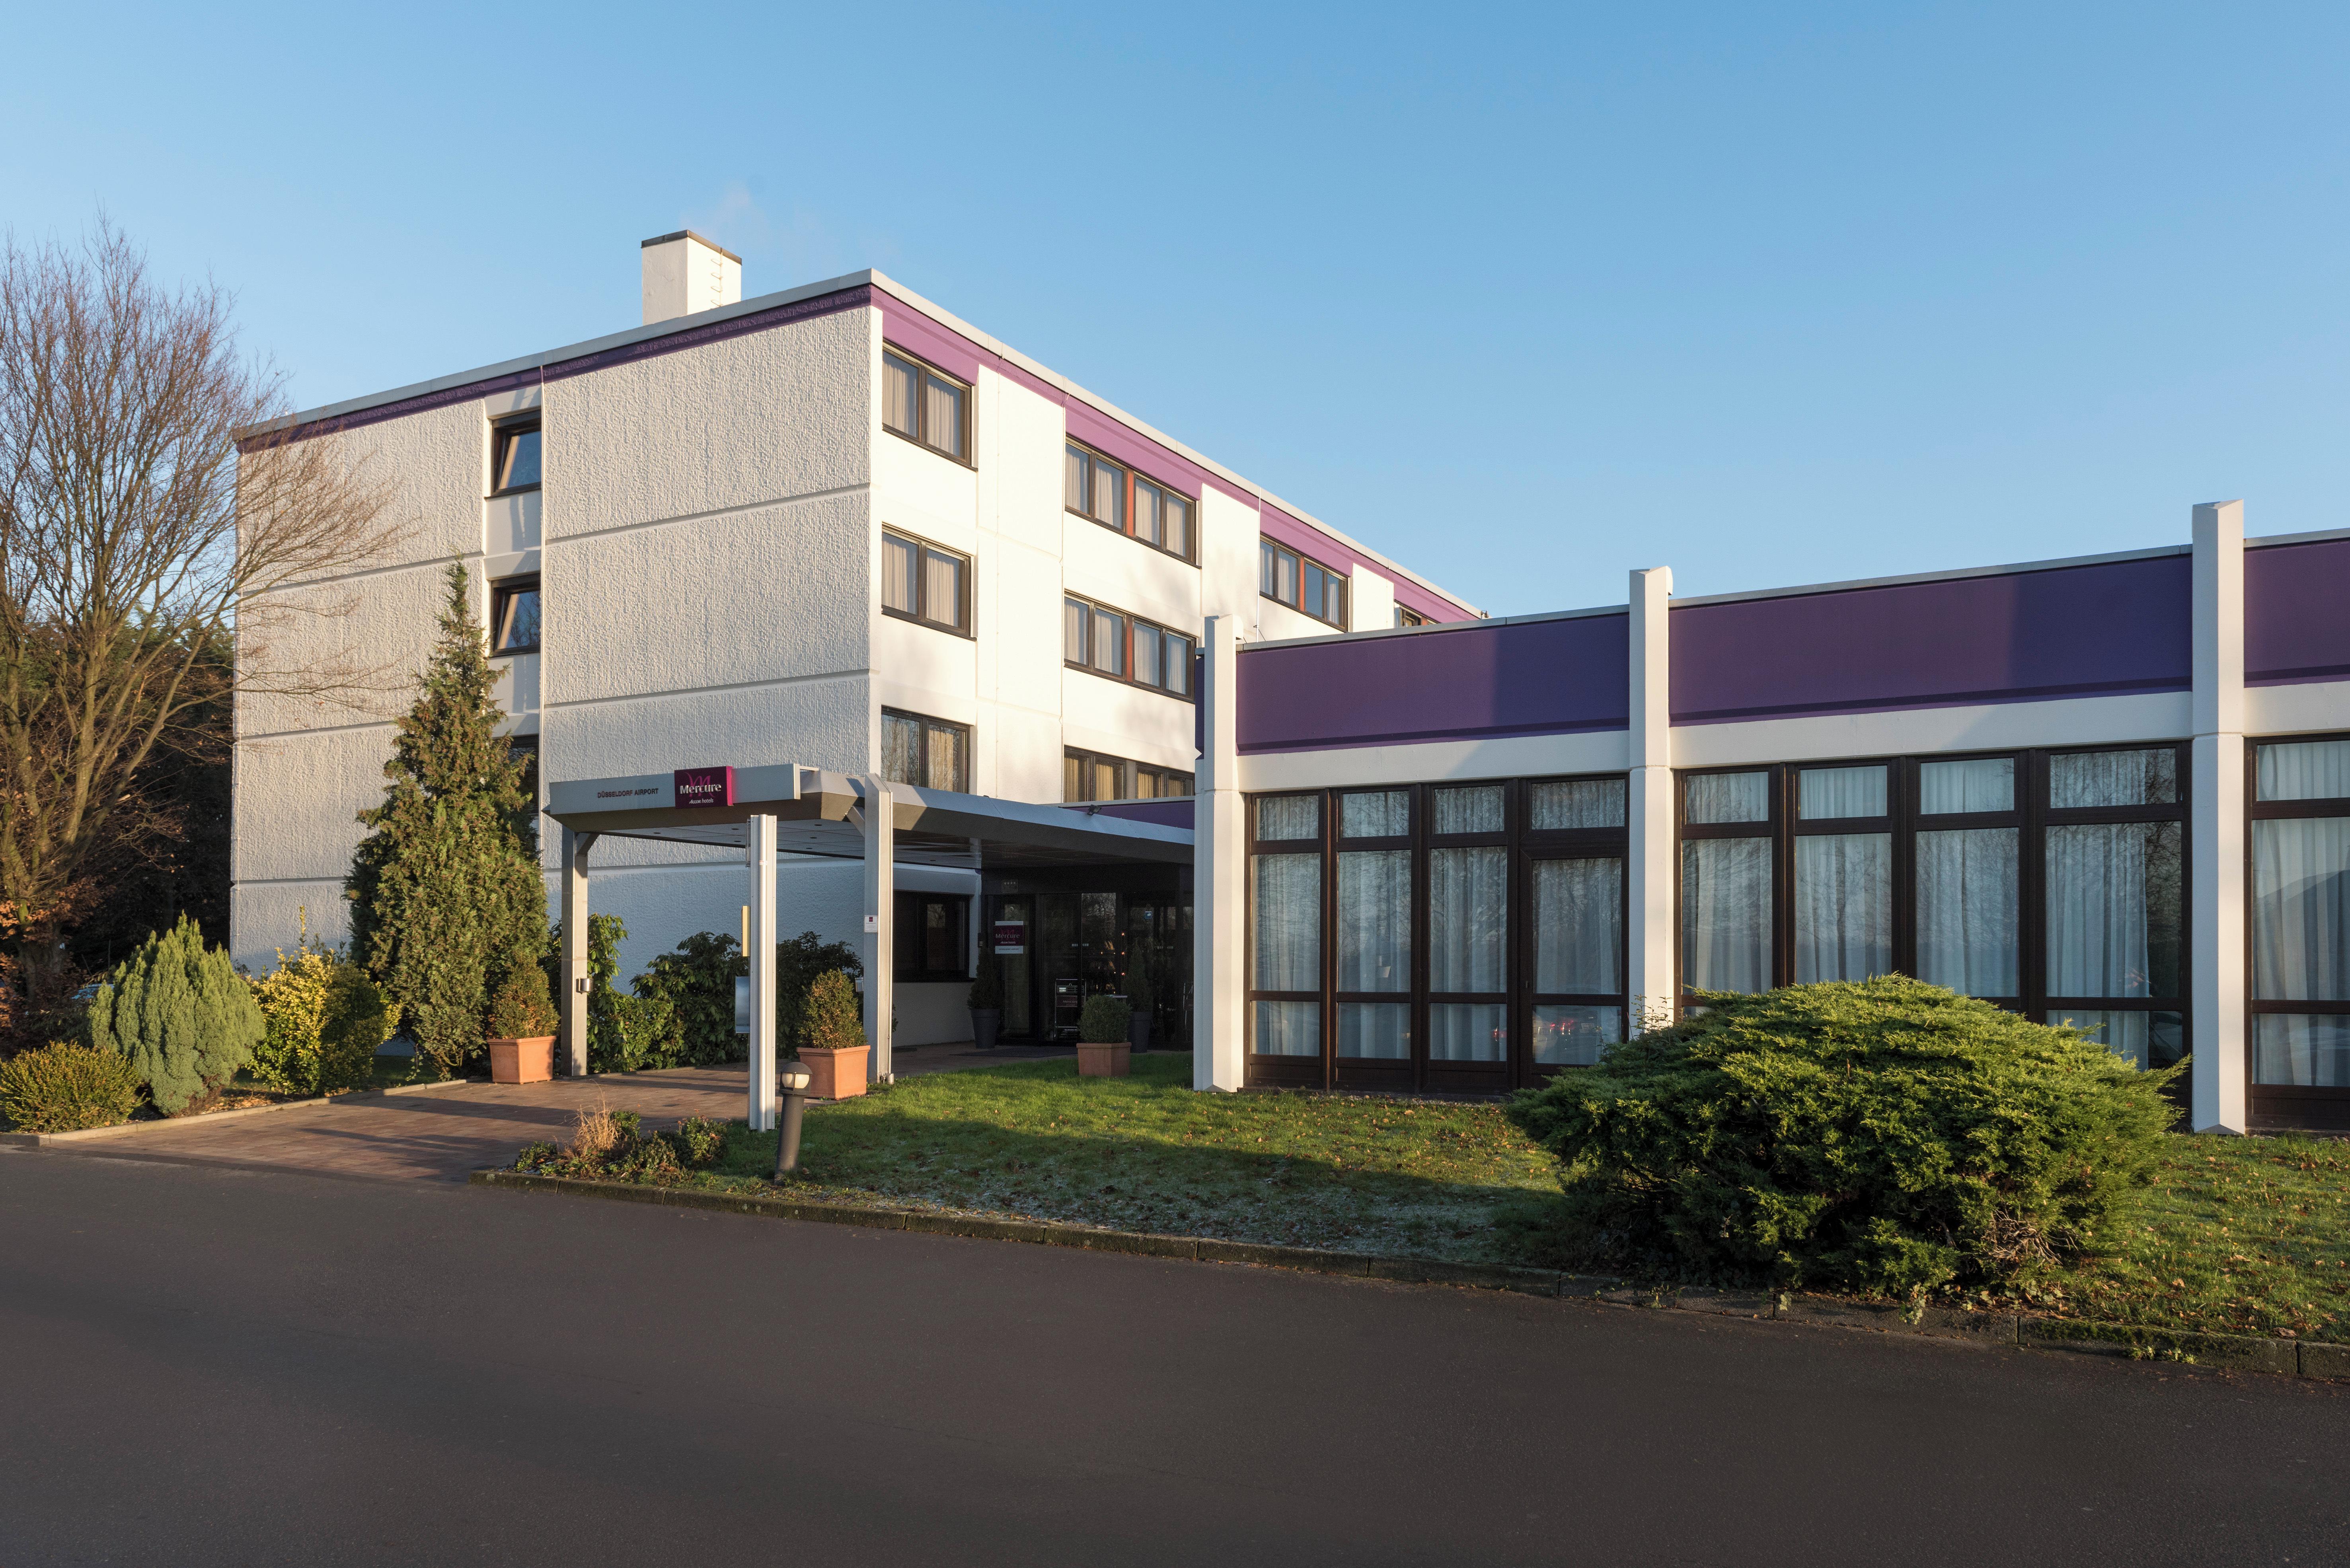 Deutschland  Hotel  image 0